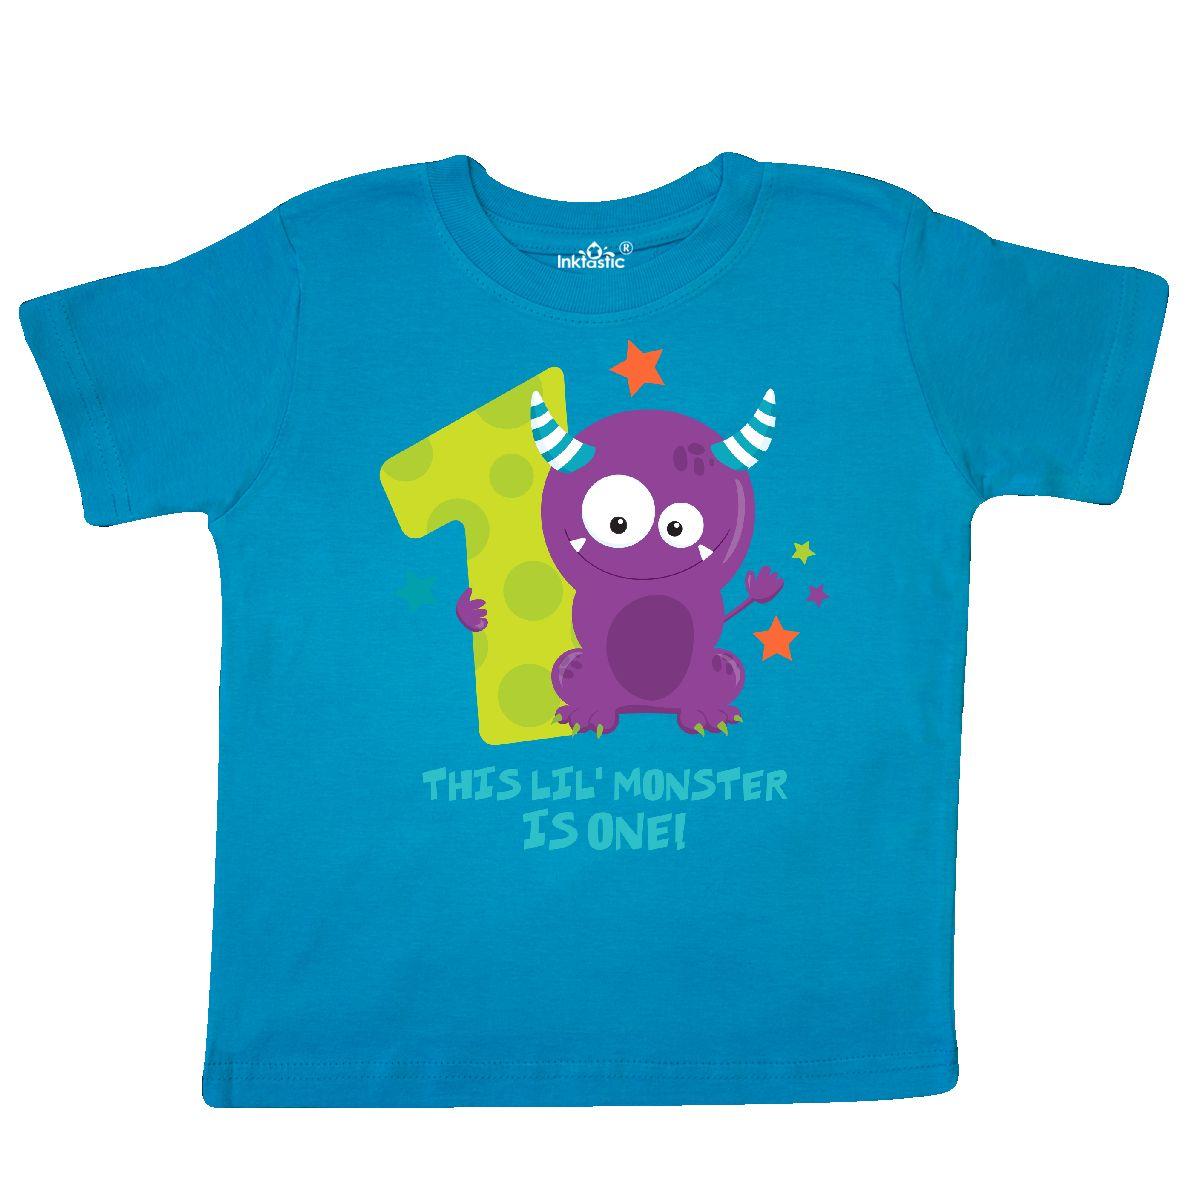 Inktastic Monster 1st Birthday Toddler T-Shirt Little